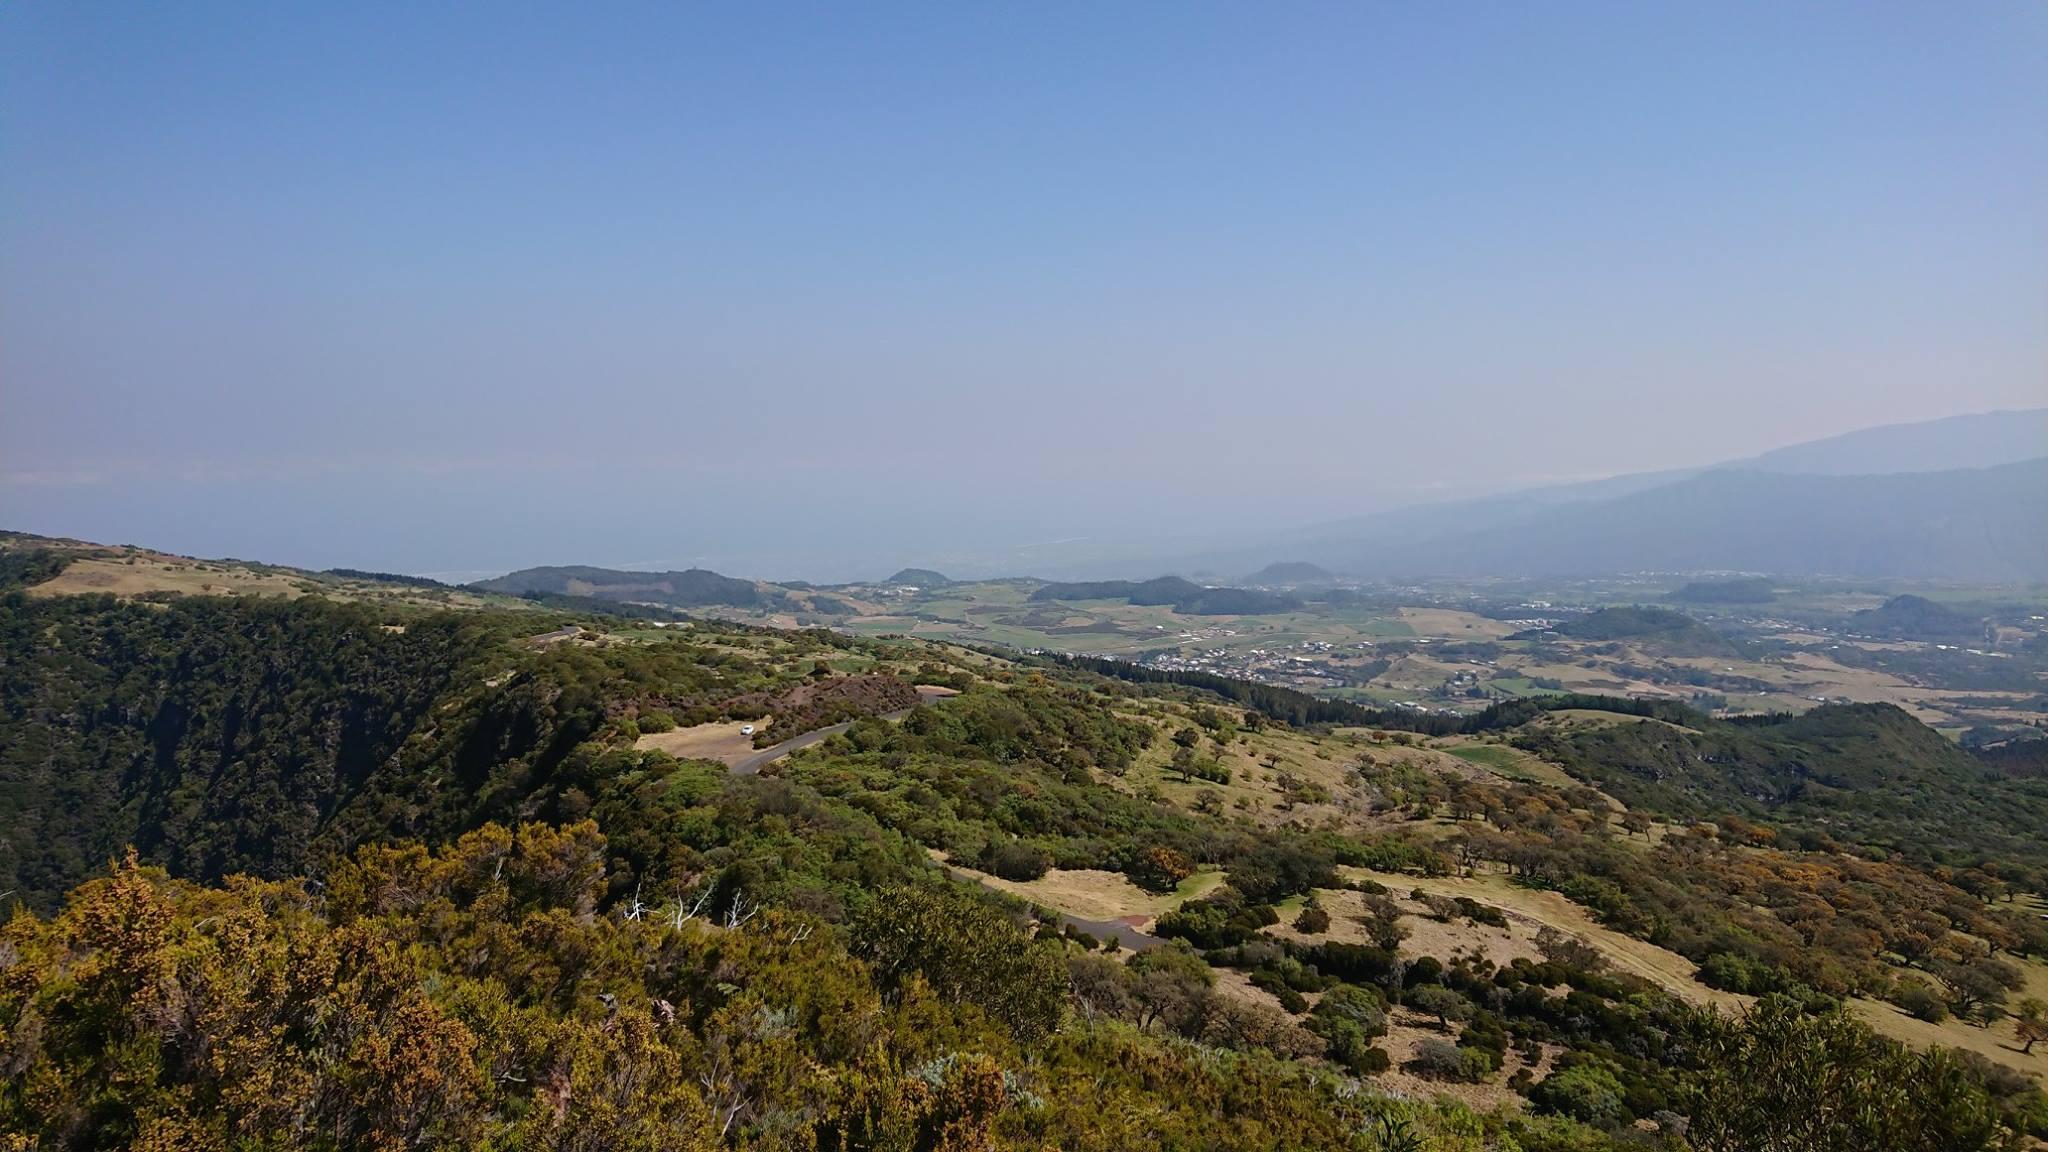 L'image contient peut-être: ciel, montagne, arbre, plante, plein air et nature